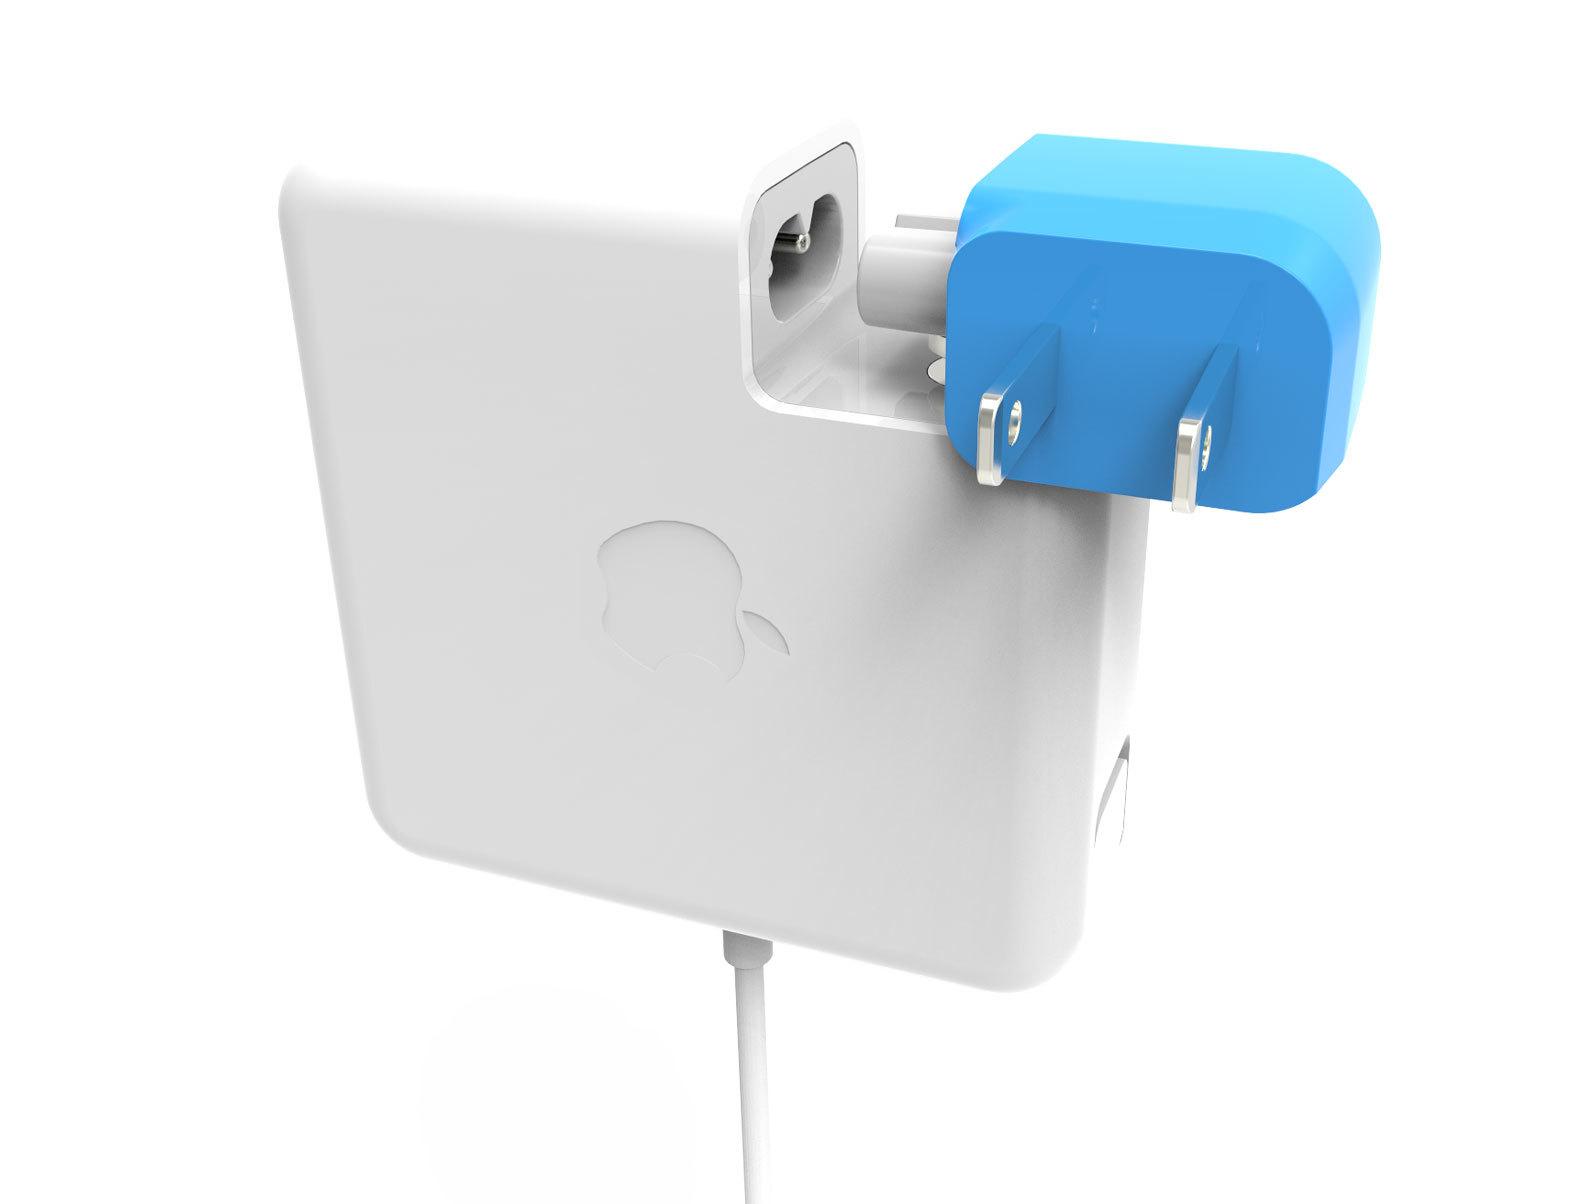 Apple社のパソコンMacの充電器をもっと便利に使うガジェットBlockhead_1